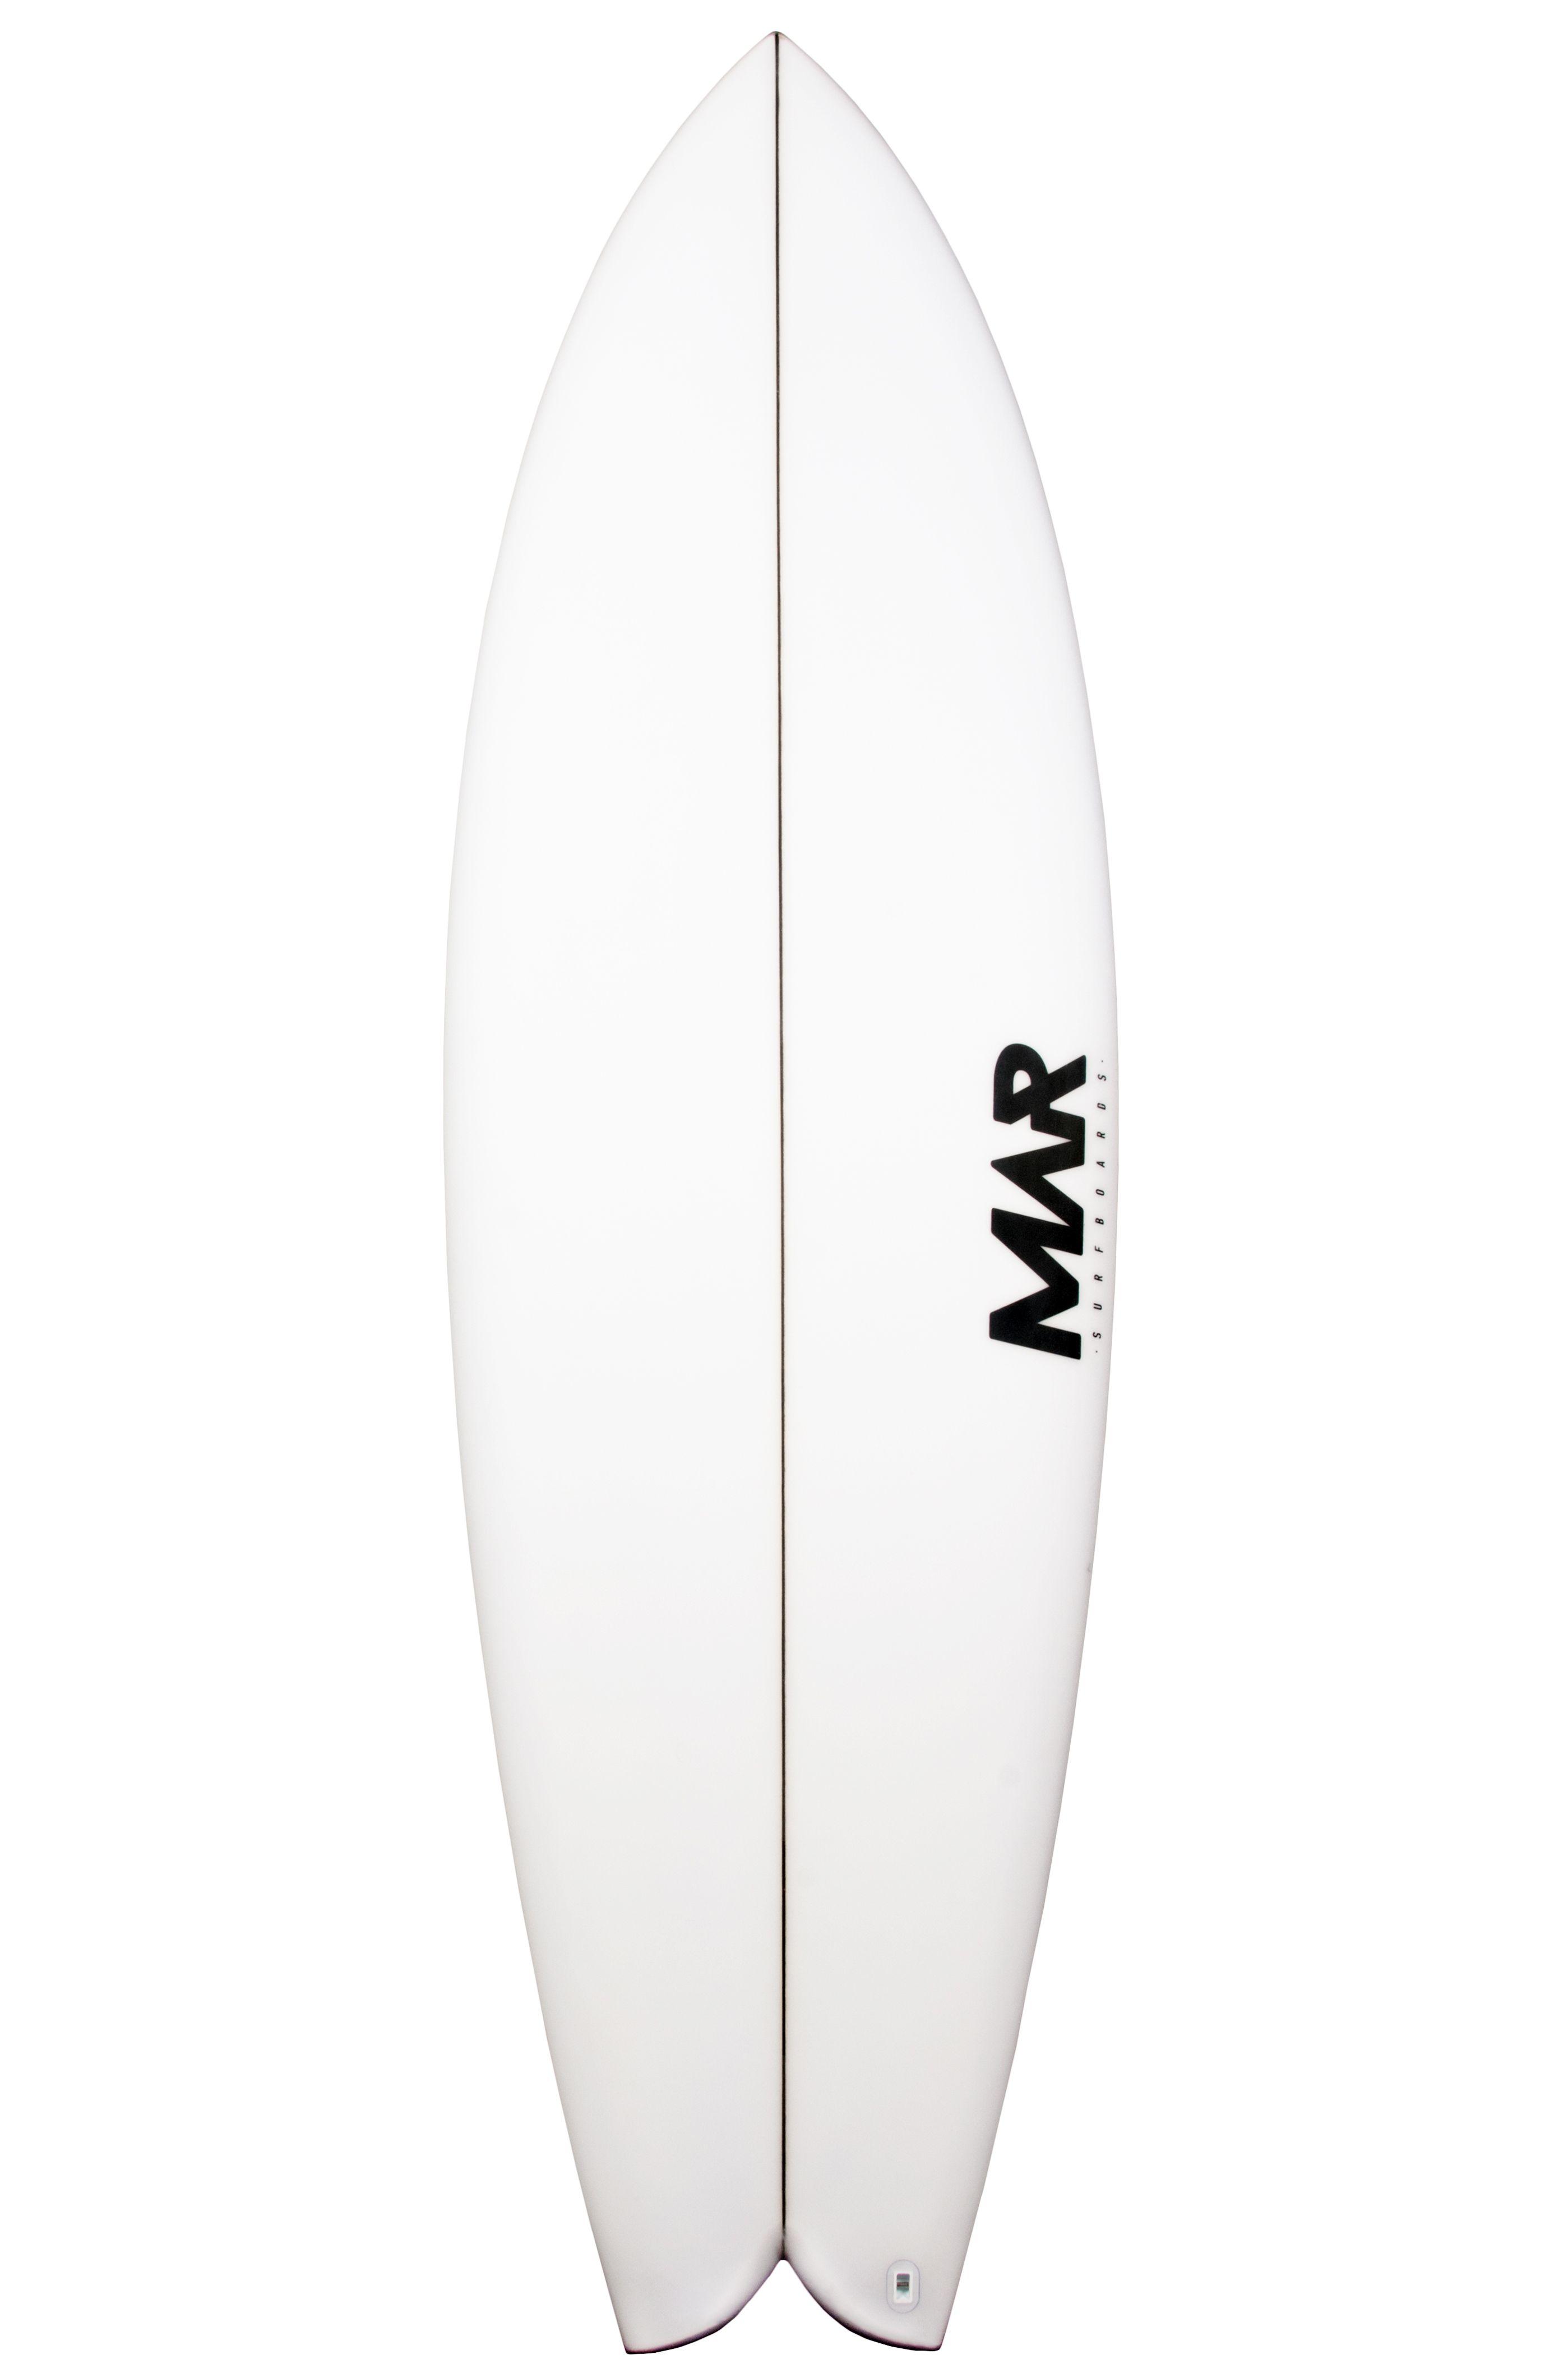 Mar Surf Board 5'6 MAR P2 PU Fish Tail - White FCS II Twin Tab 5ft6